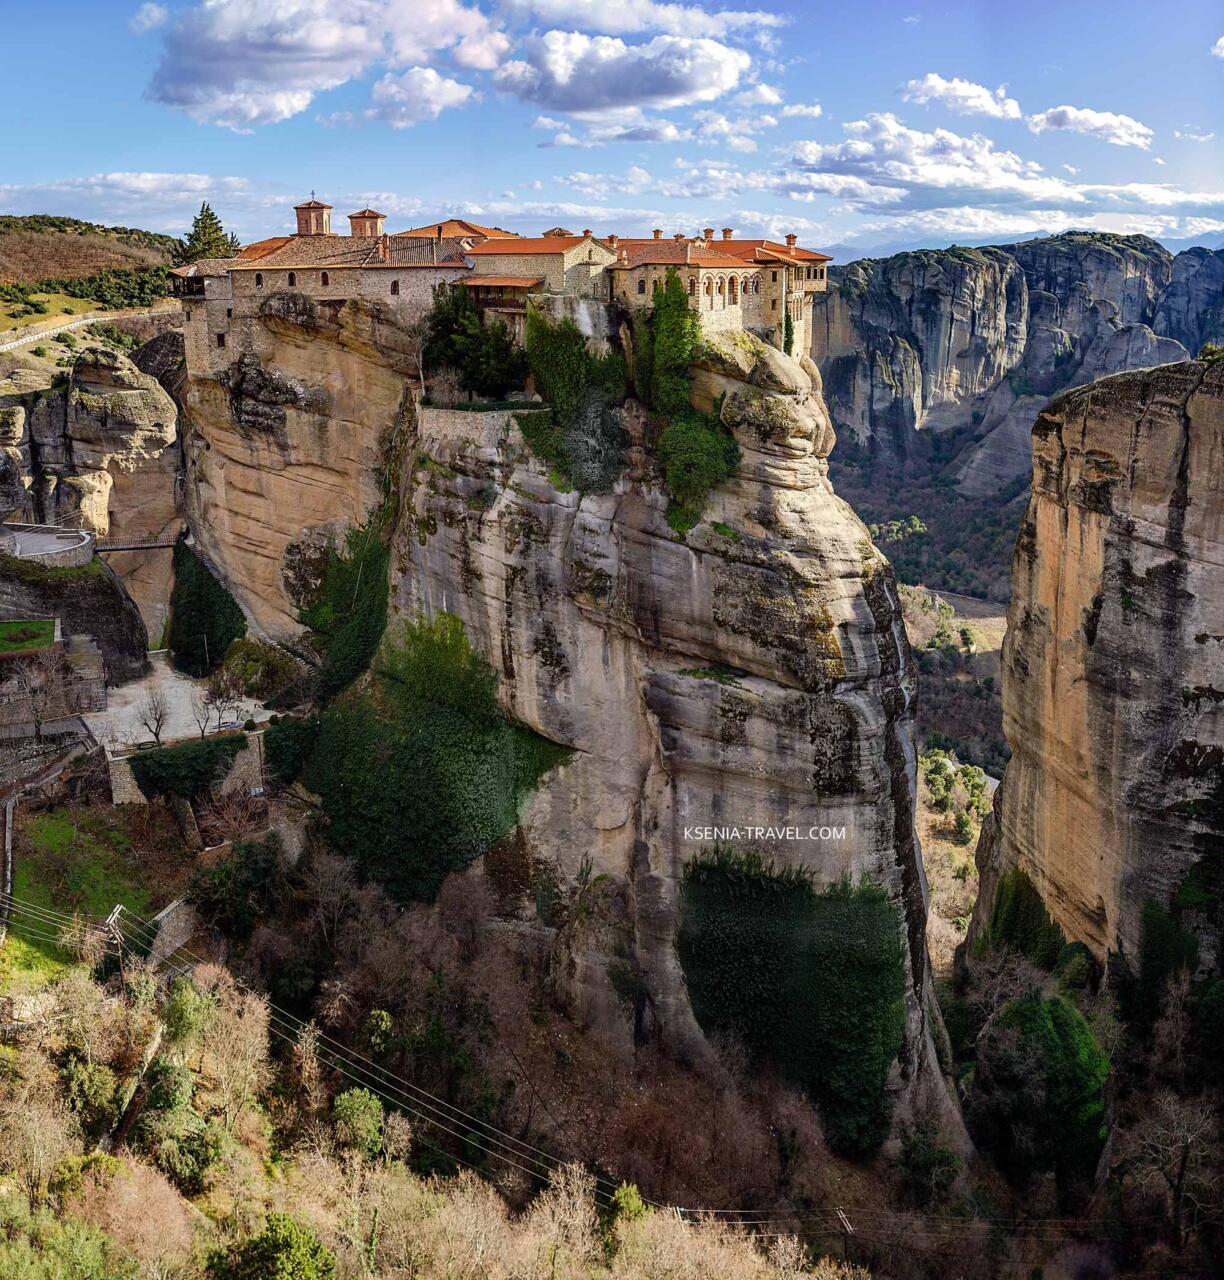 Монастырь Варлаама, монастыри Метеоры в Греции